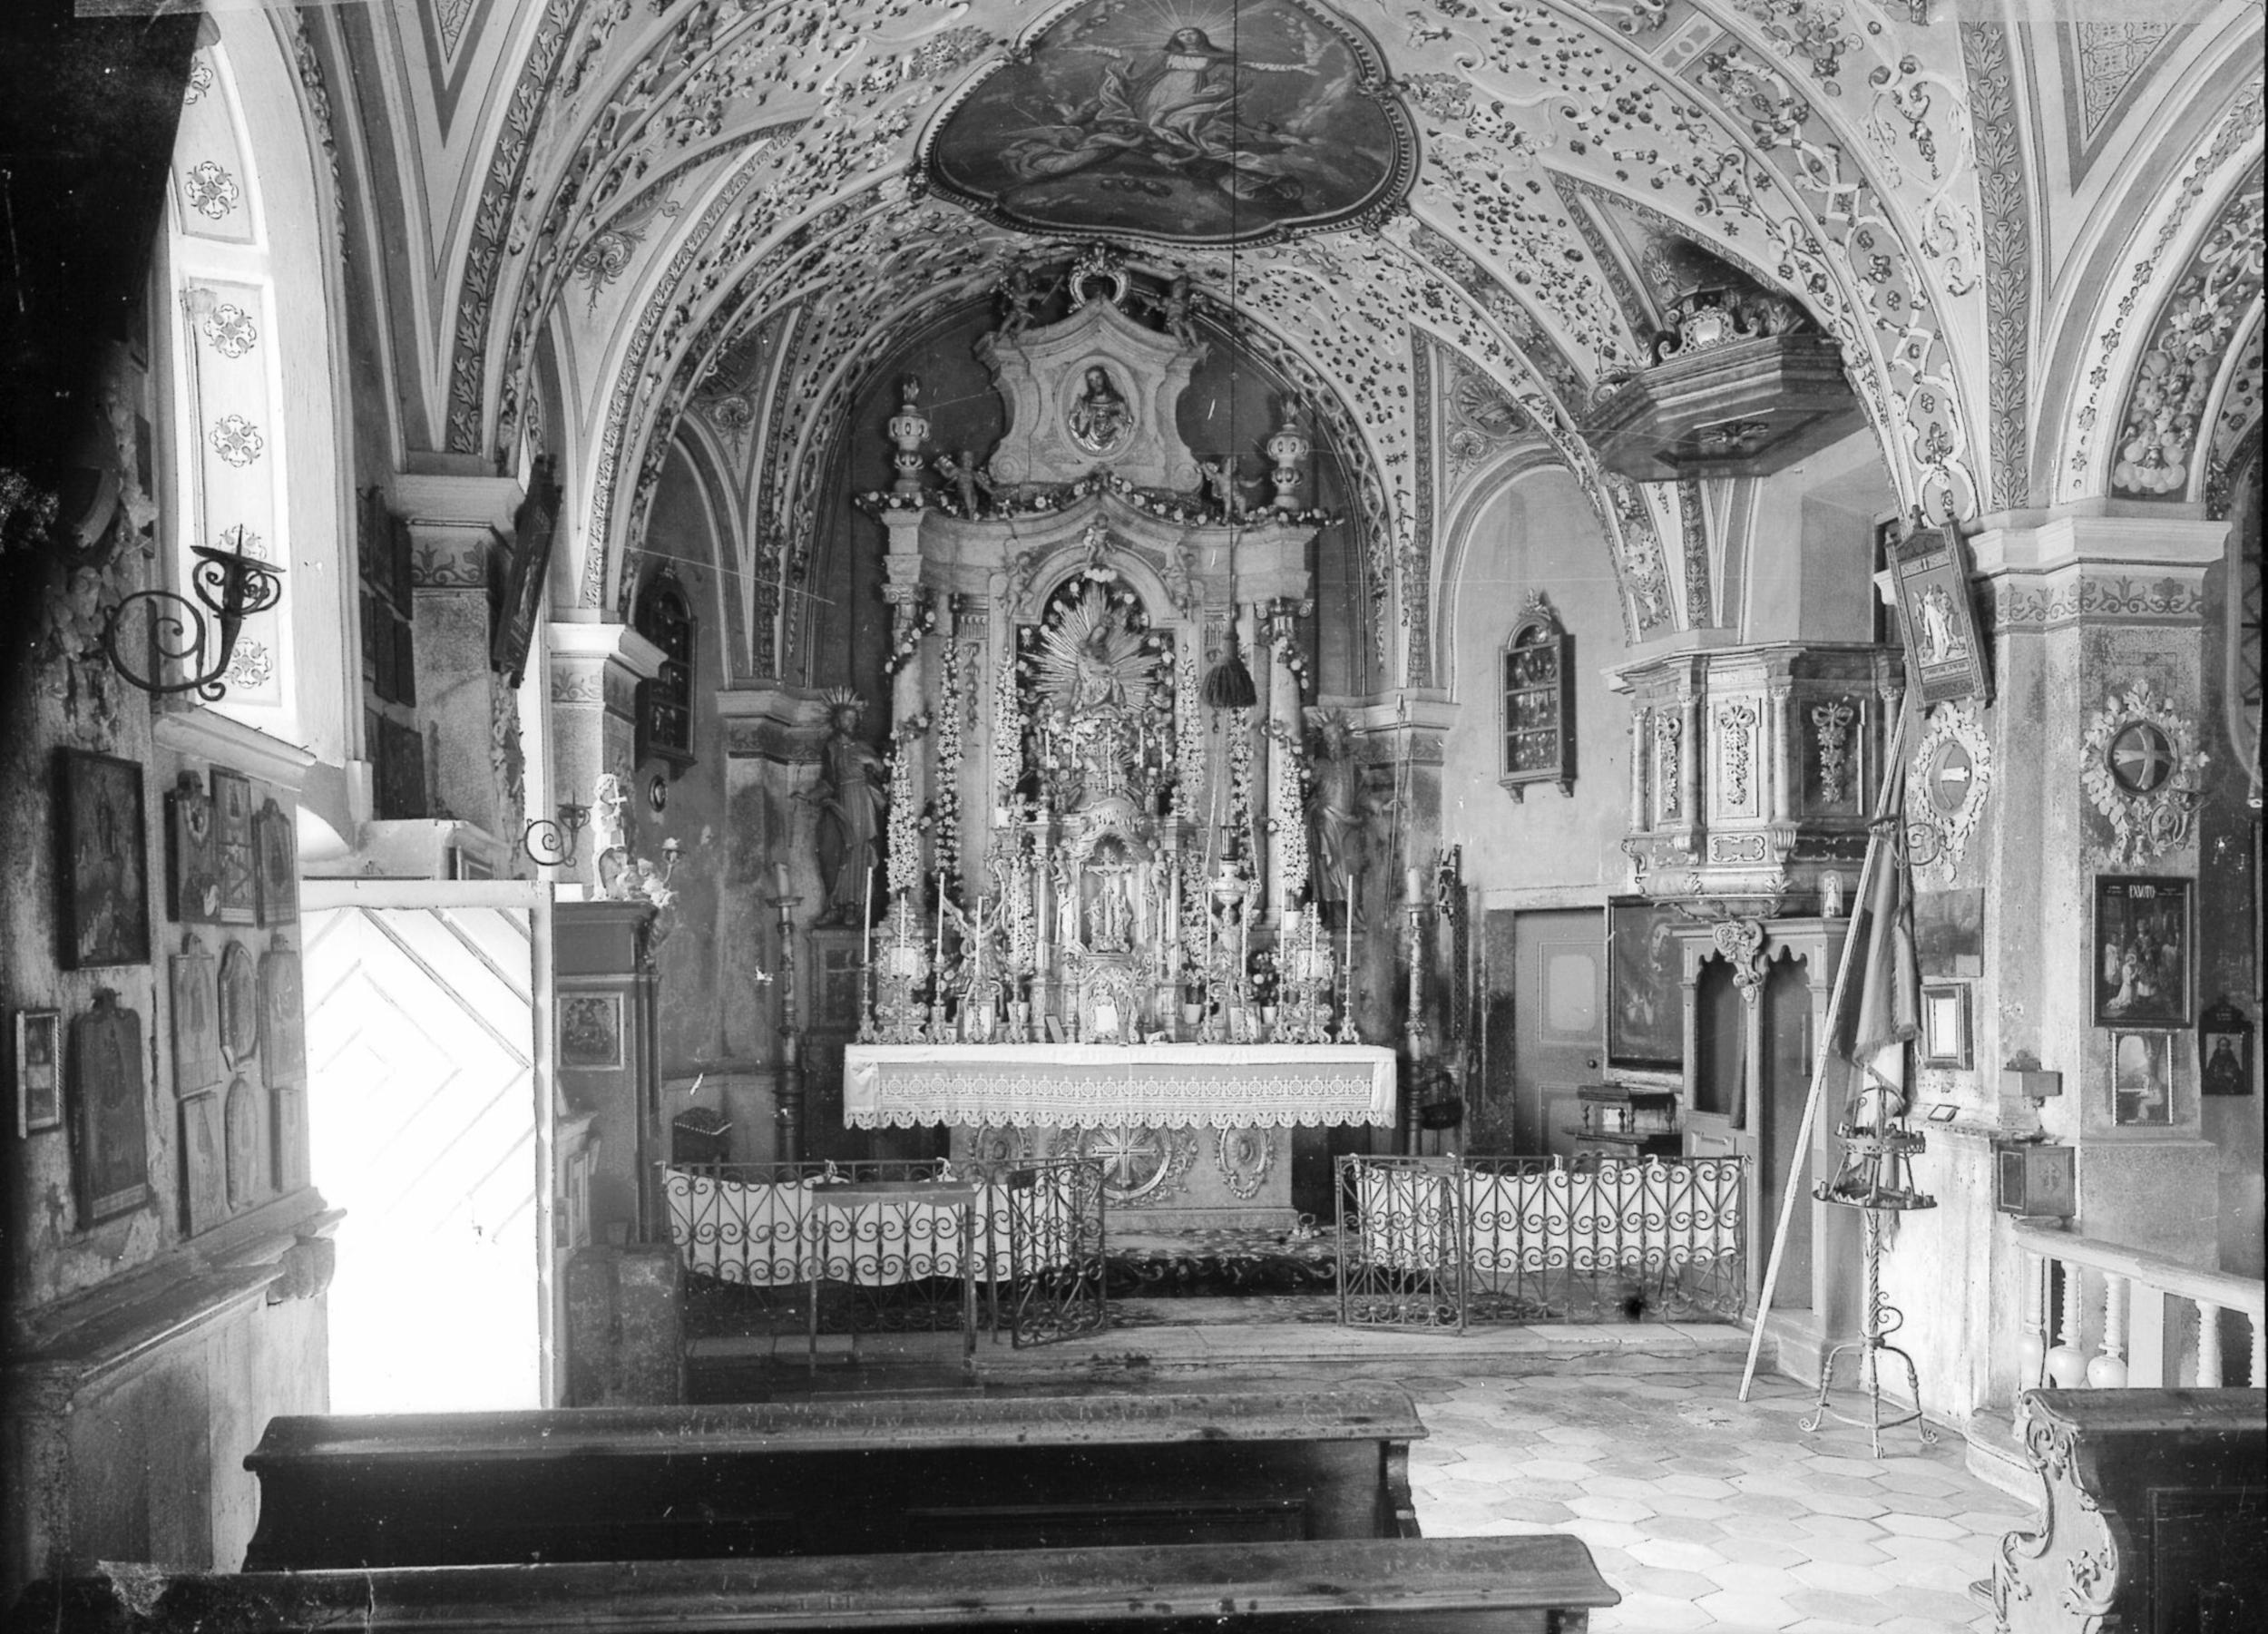 Die Wallfahrtskirche Maria Schnee In Heiligwasser, Teil 3